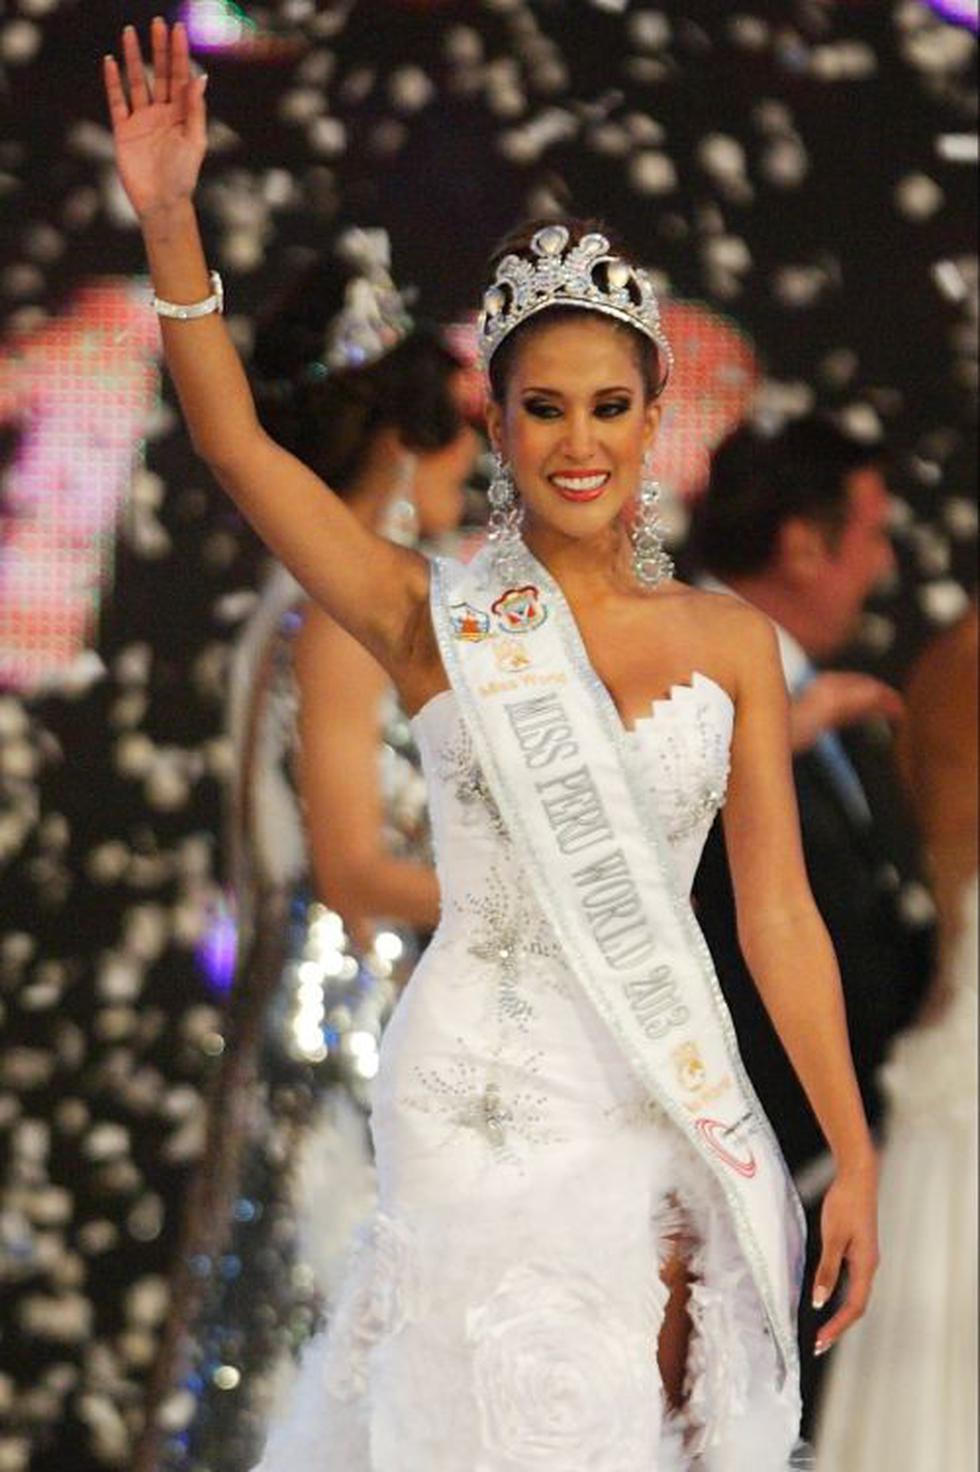 Fue coronada Miss Perú 2012.- Tras difundirse fotografías de la modelo en lencería fue obligada a renunciar a la corona. (Foto: El Comercio/ Félix Ingaruca)